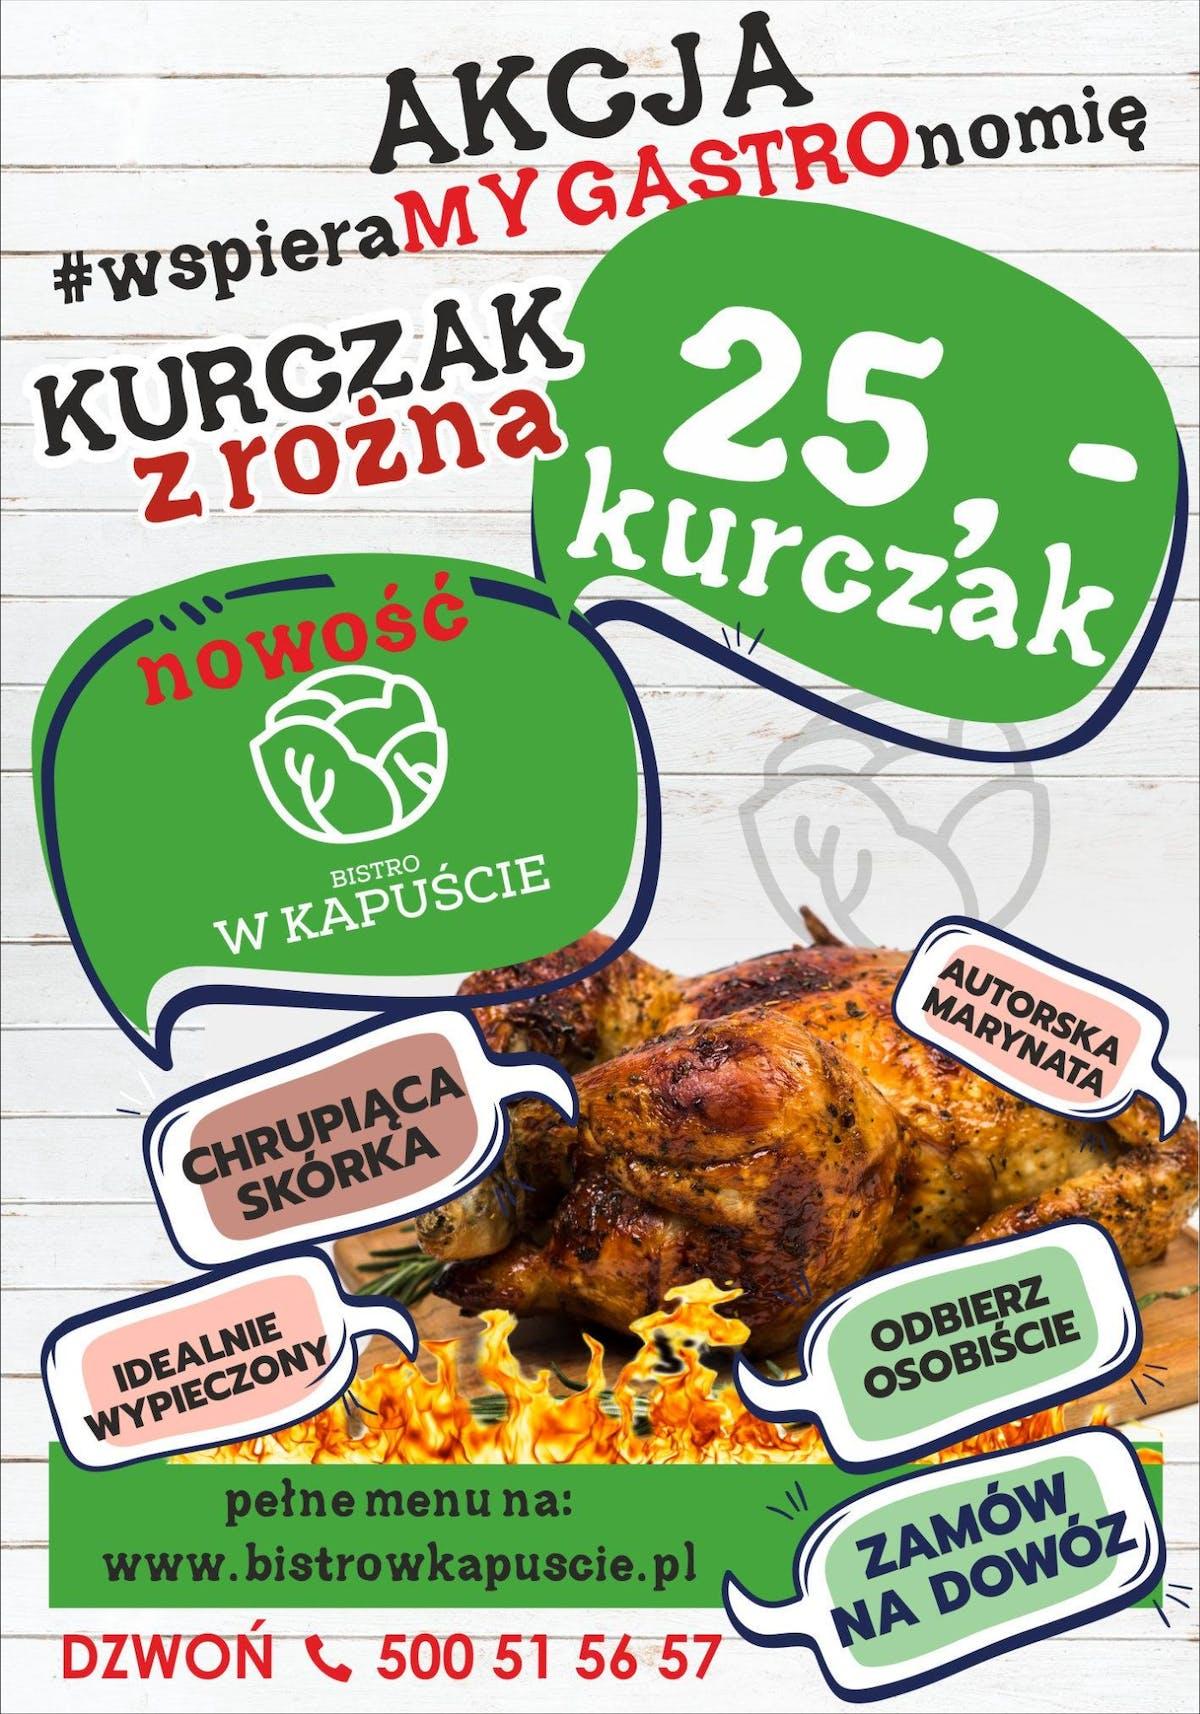 Kurczak z rożna (duży) na 2- 3 osoby